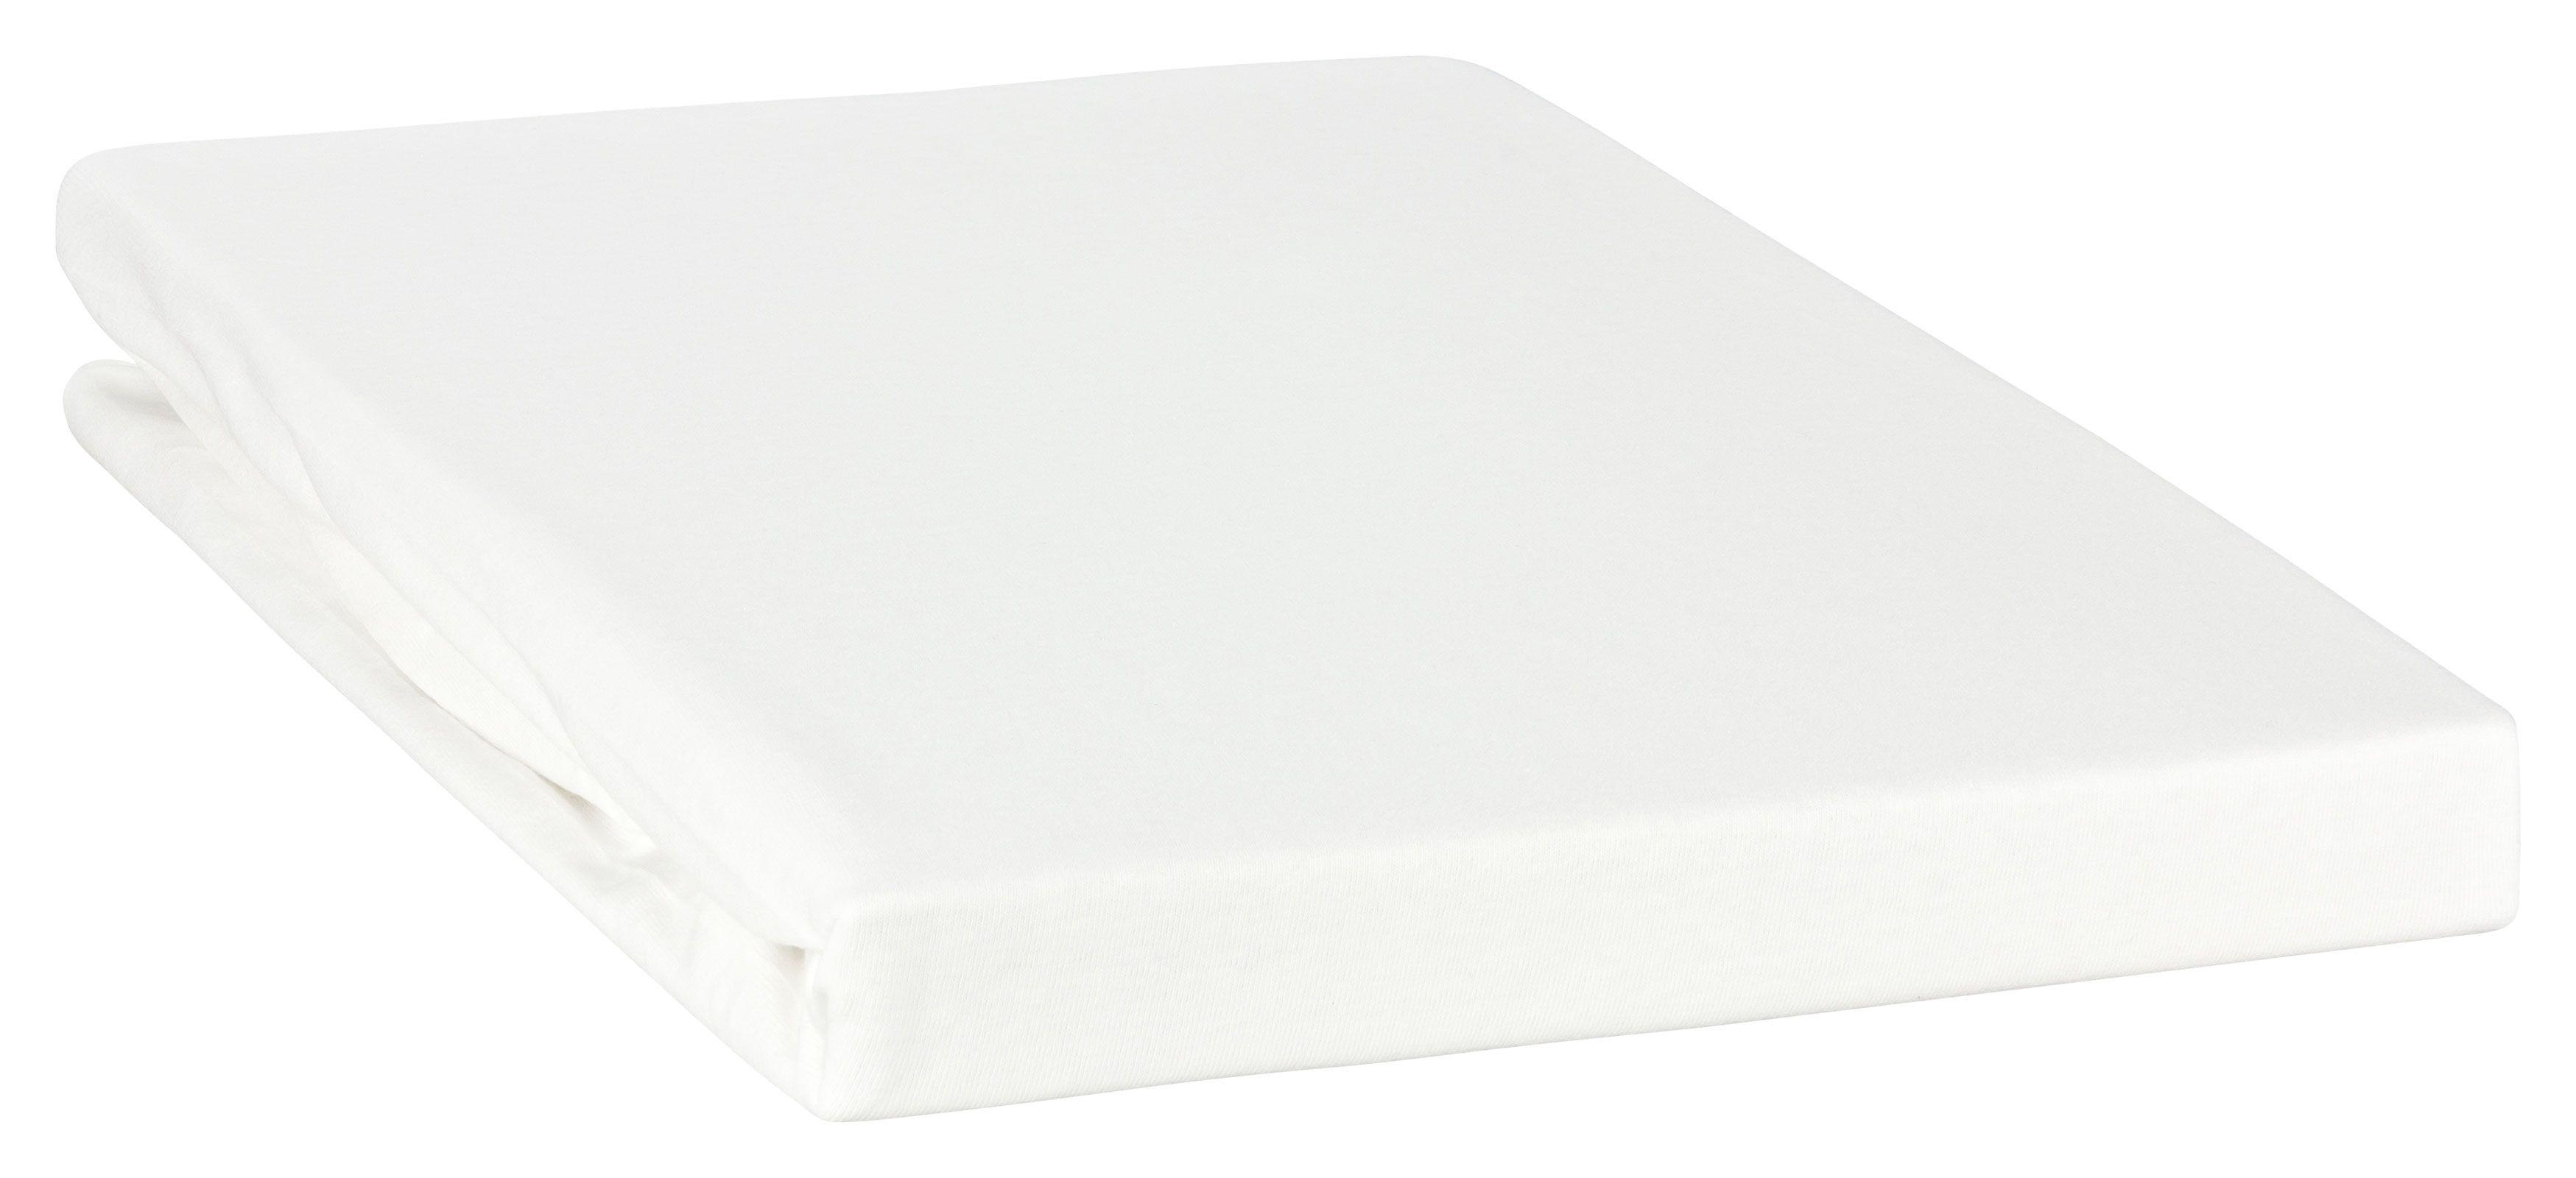 """Spannbetttuch """"Line green"""" auch für`s Wasserbett 180x200 - 200x220-weiß günstig online kaufen"""